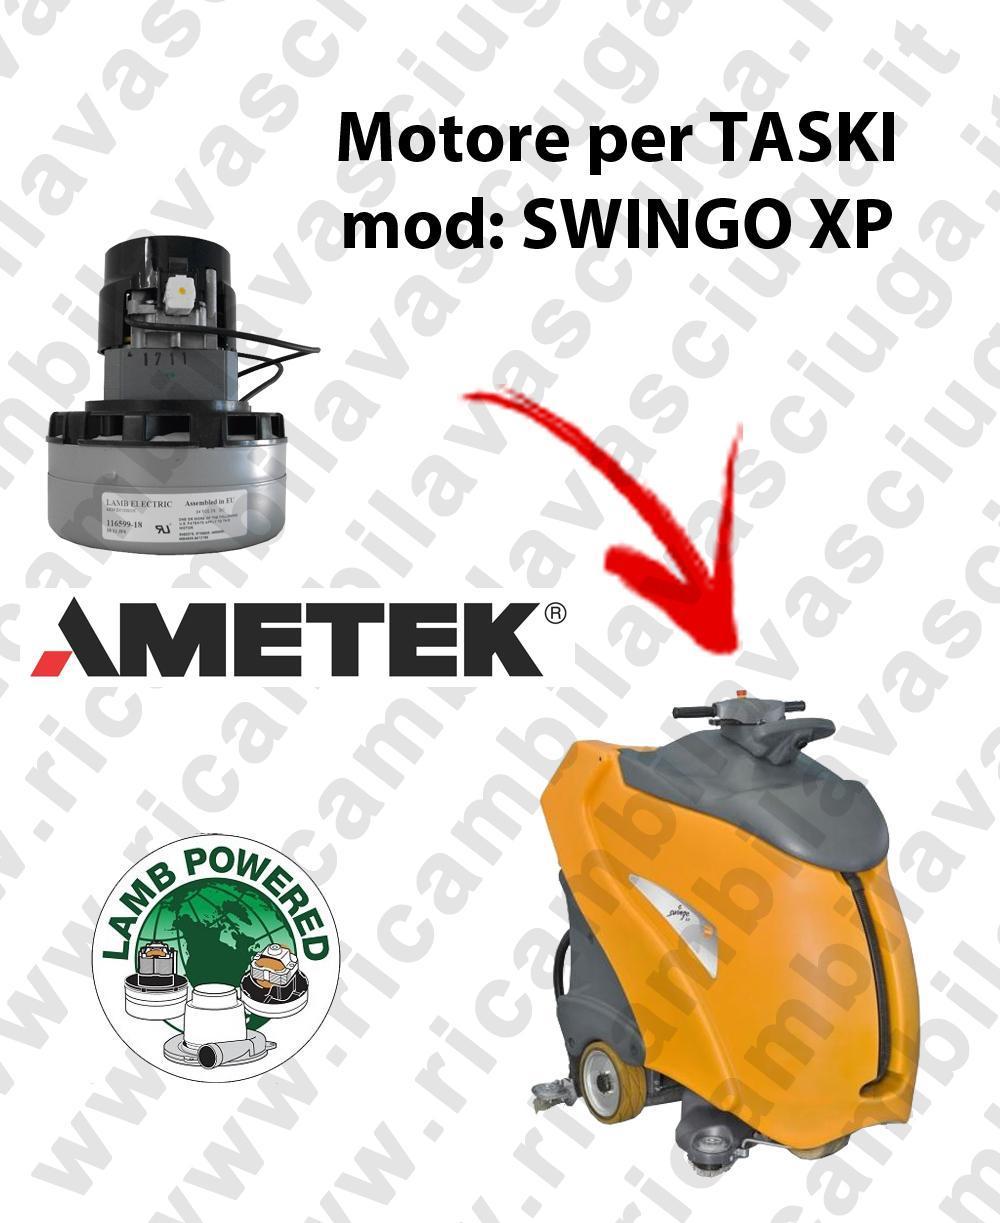 SWINGO XP MOTEUR ASPIRATION LAMB AMATEK pour autolaveuses TASKI